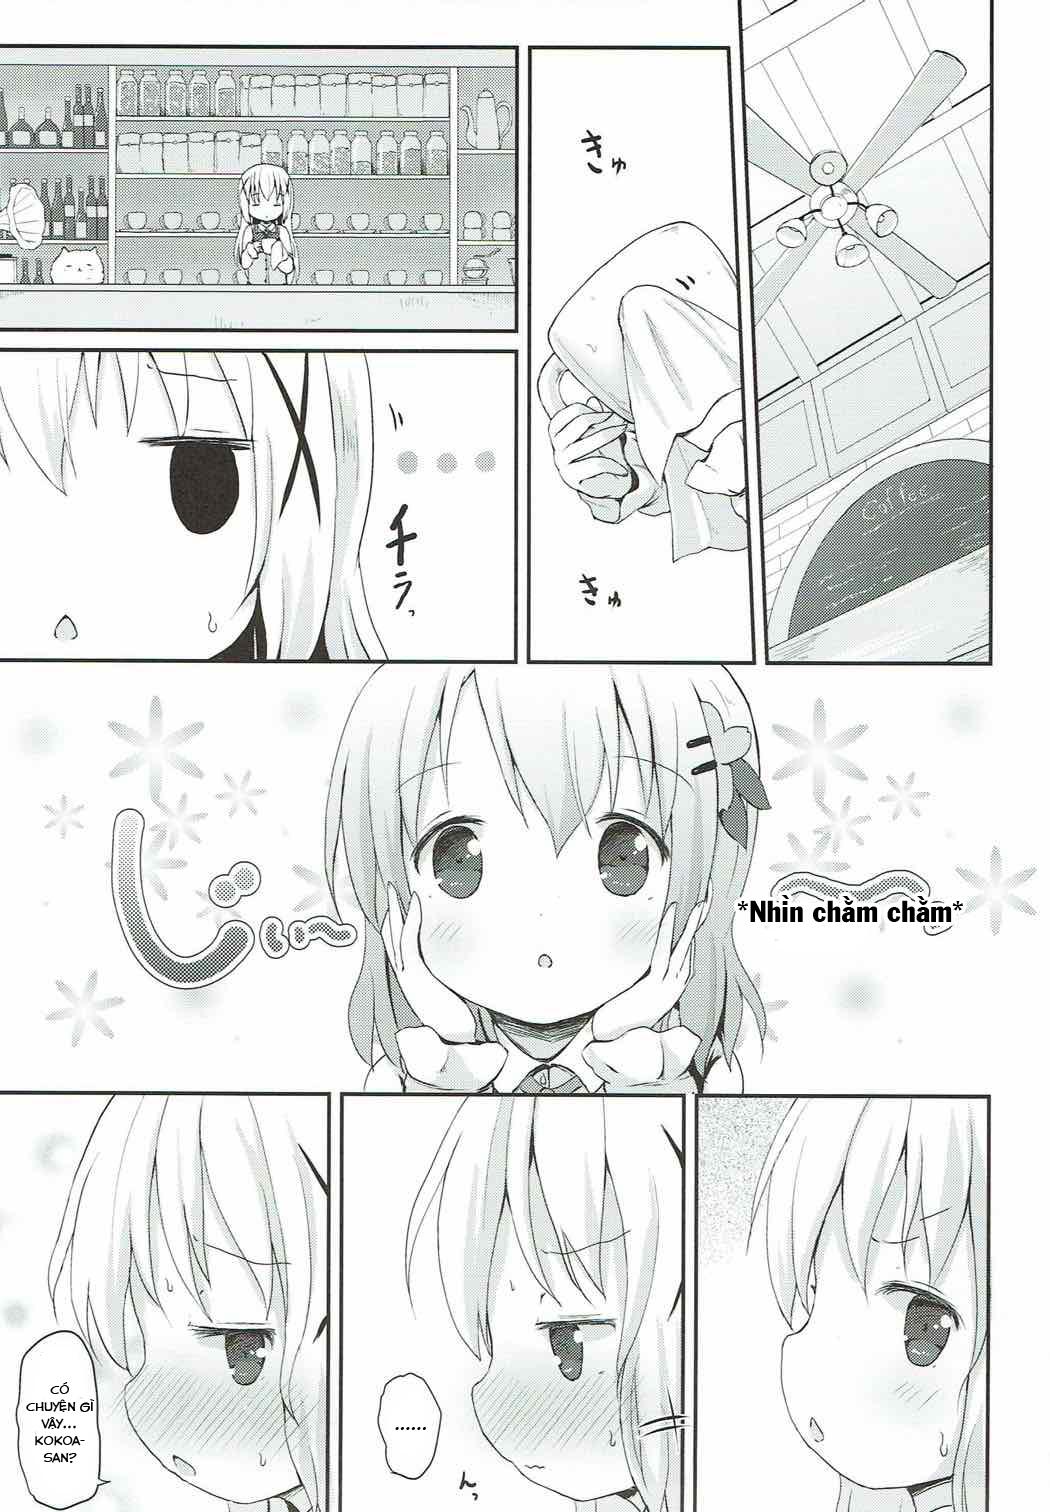 HentaiVN.net - Ảnh 2 - Chino-chan no Omata Check (Gochuumon wa Usagi desu ka?) - Oneshot